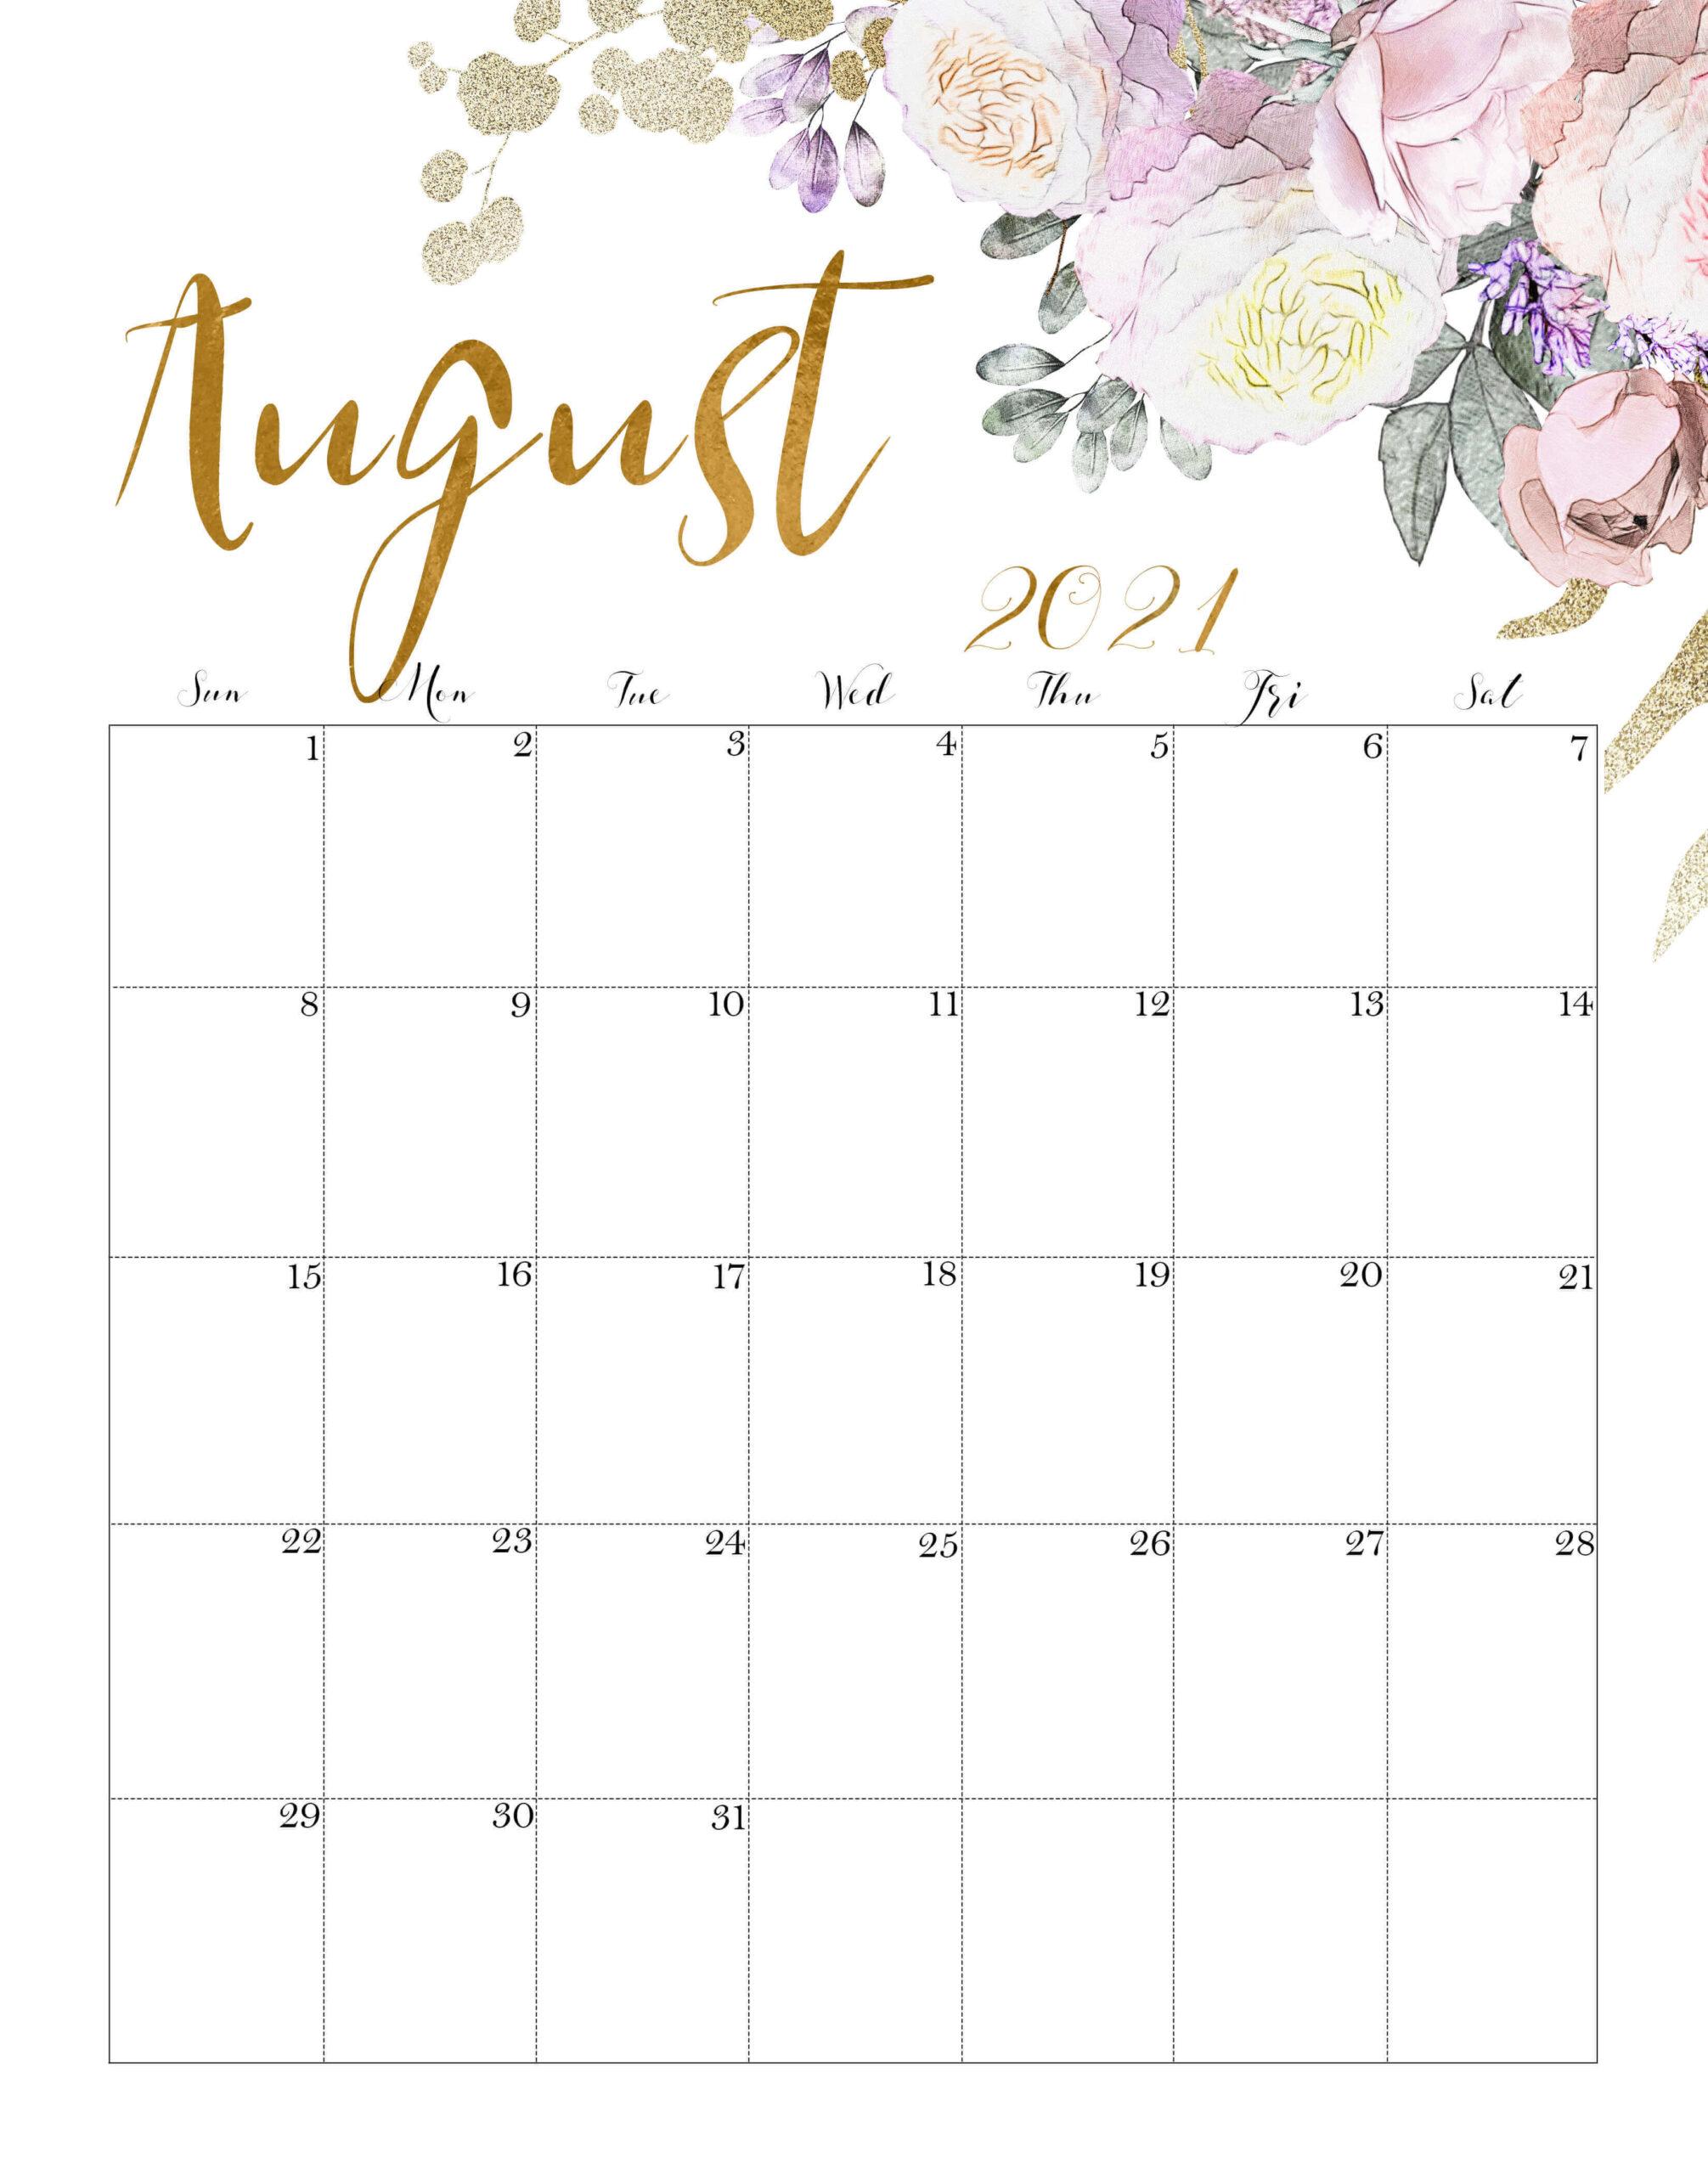 Floral August 2021 Wall Calendar